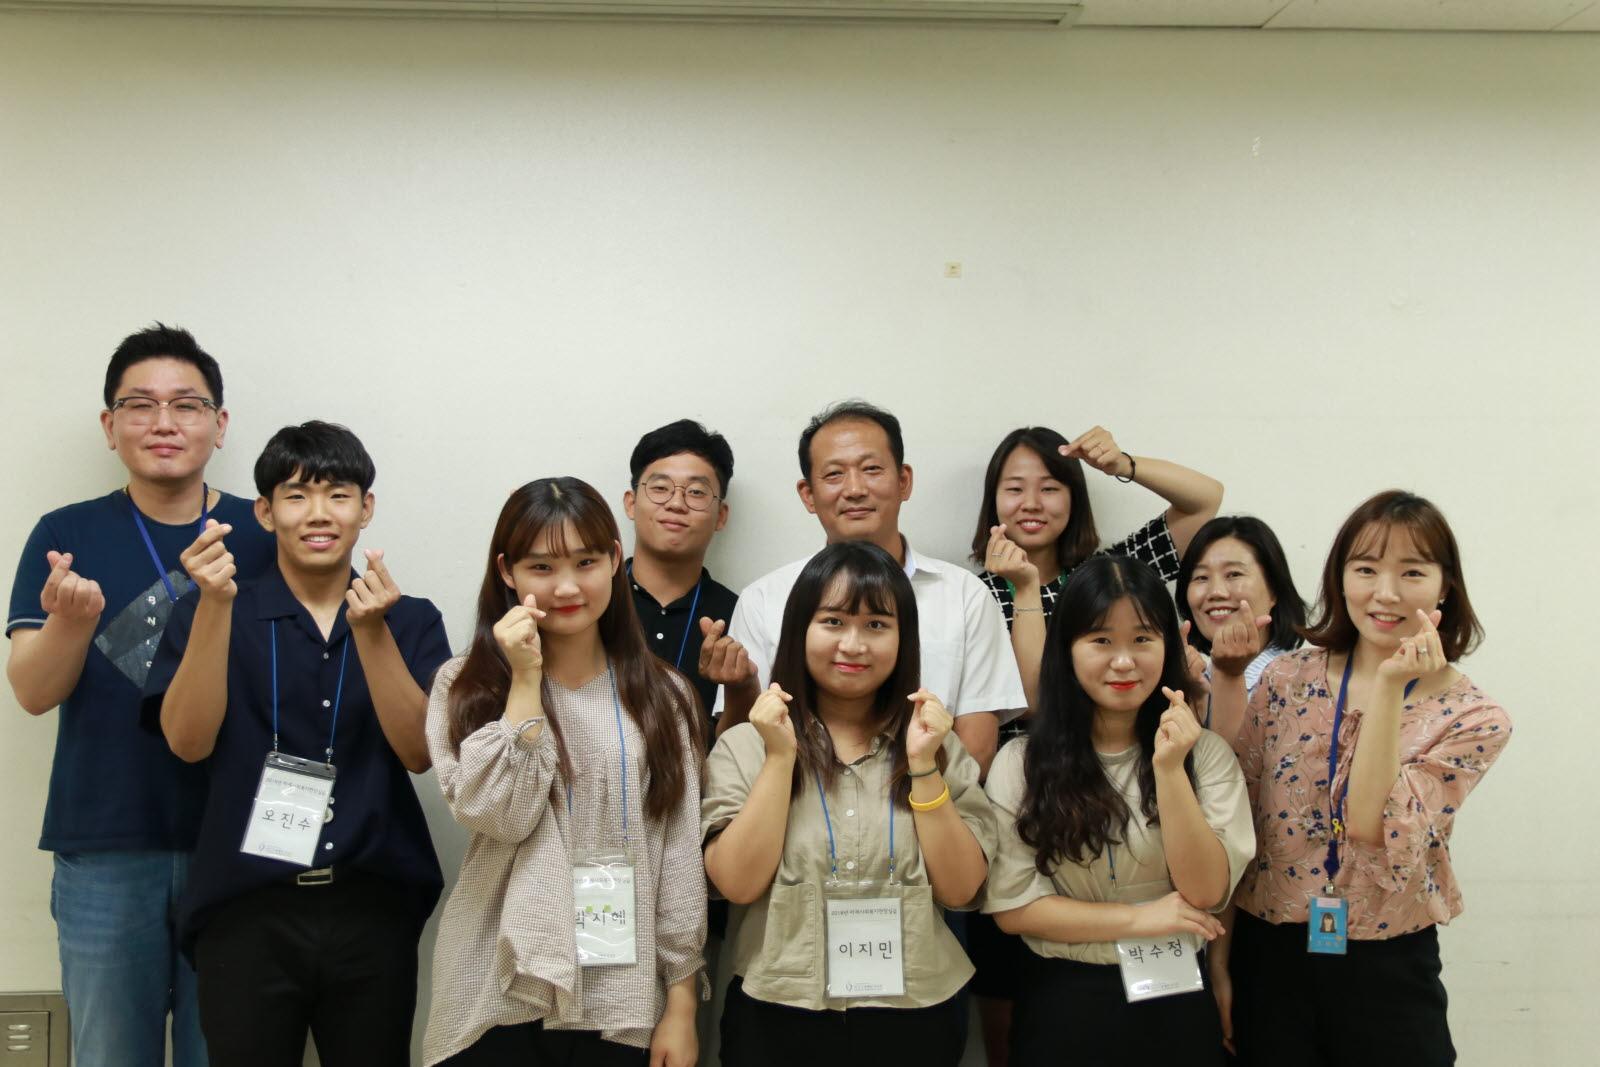 실습생들, 국장님, 팀장님들 포함 단체사진